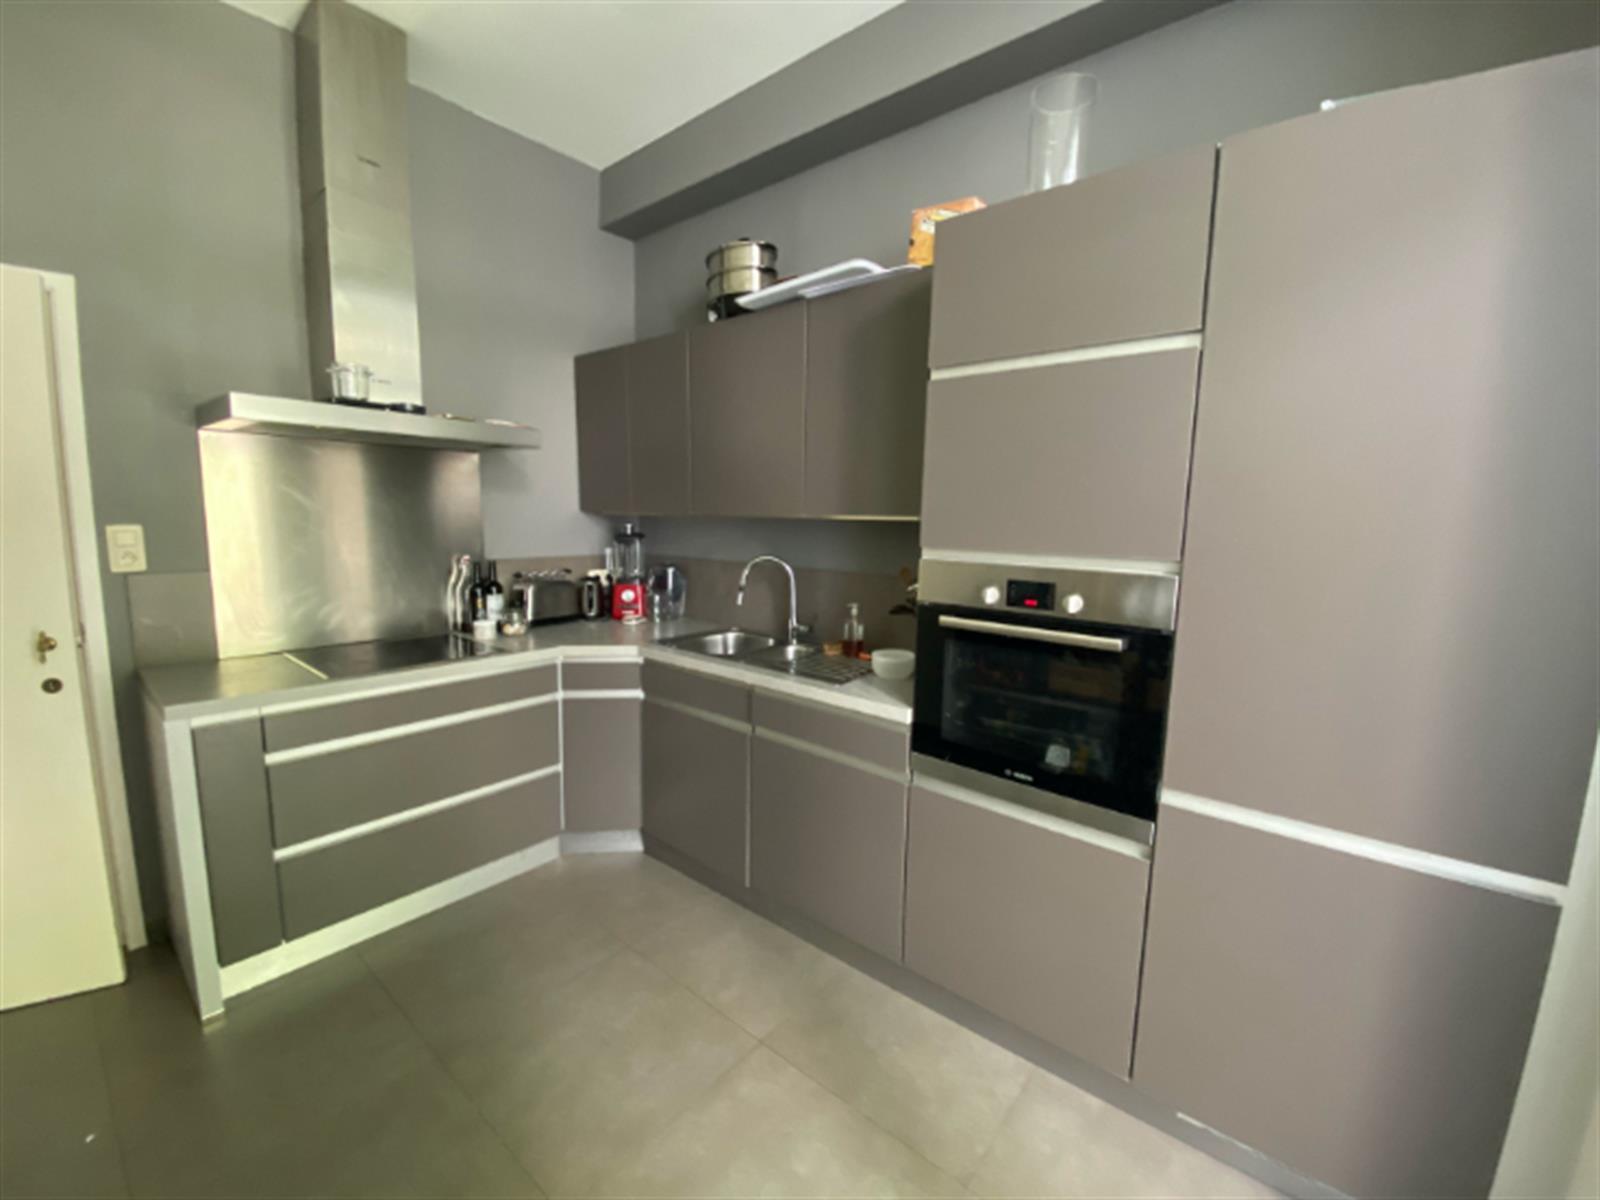 Flat - Ixelles - #4183068-6